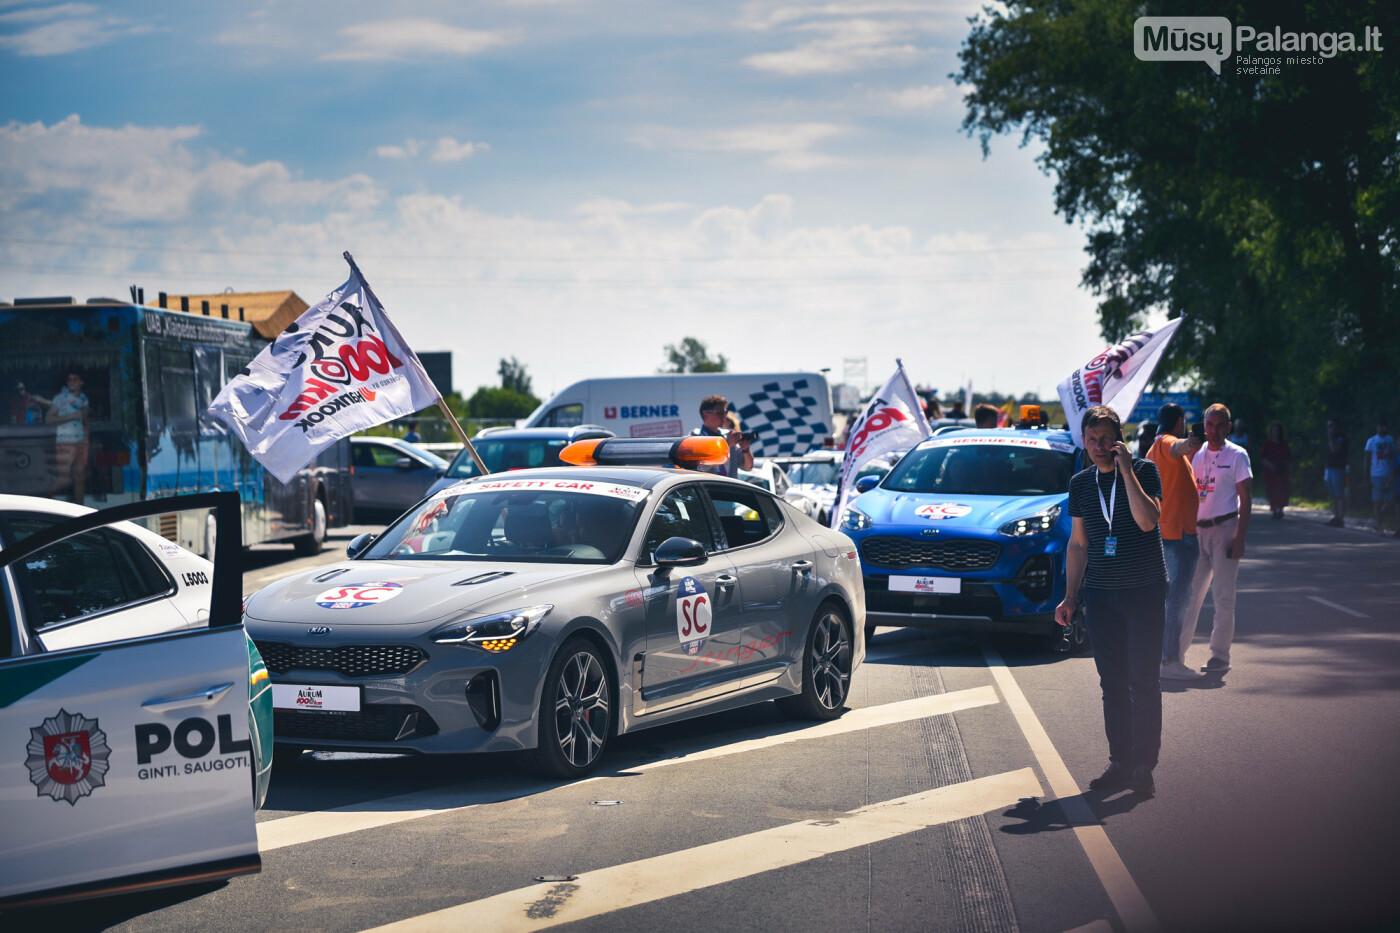 """Palanga alsuoja """"Aurum 1006 km lenktynių"""" ritmu, nuotrauka-17, Vytauto PILKAUSKO ir Arno STRUMILOS nuotr."""